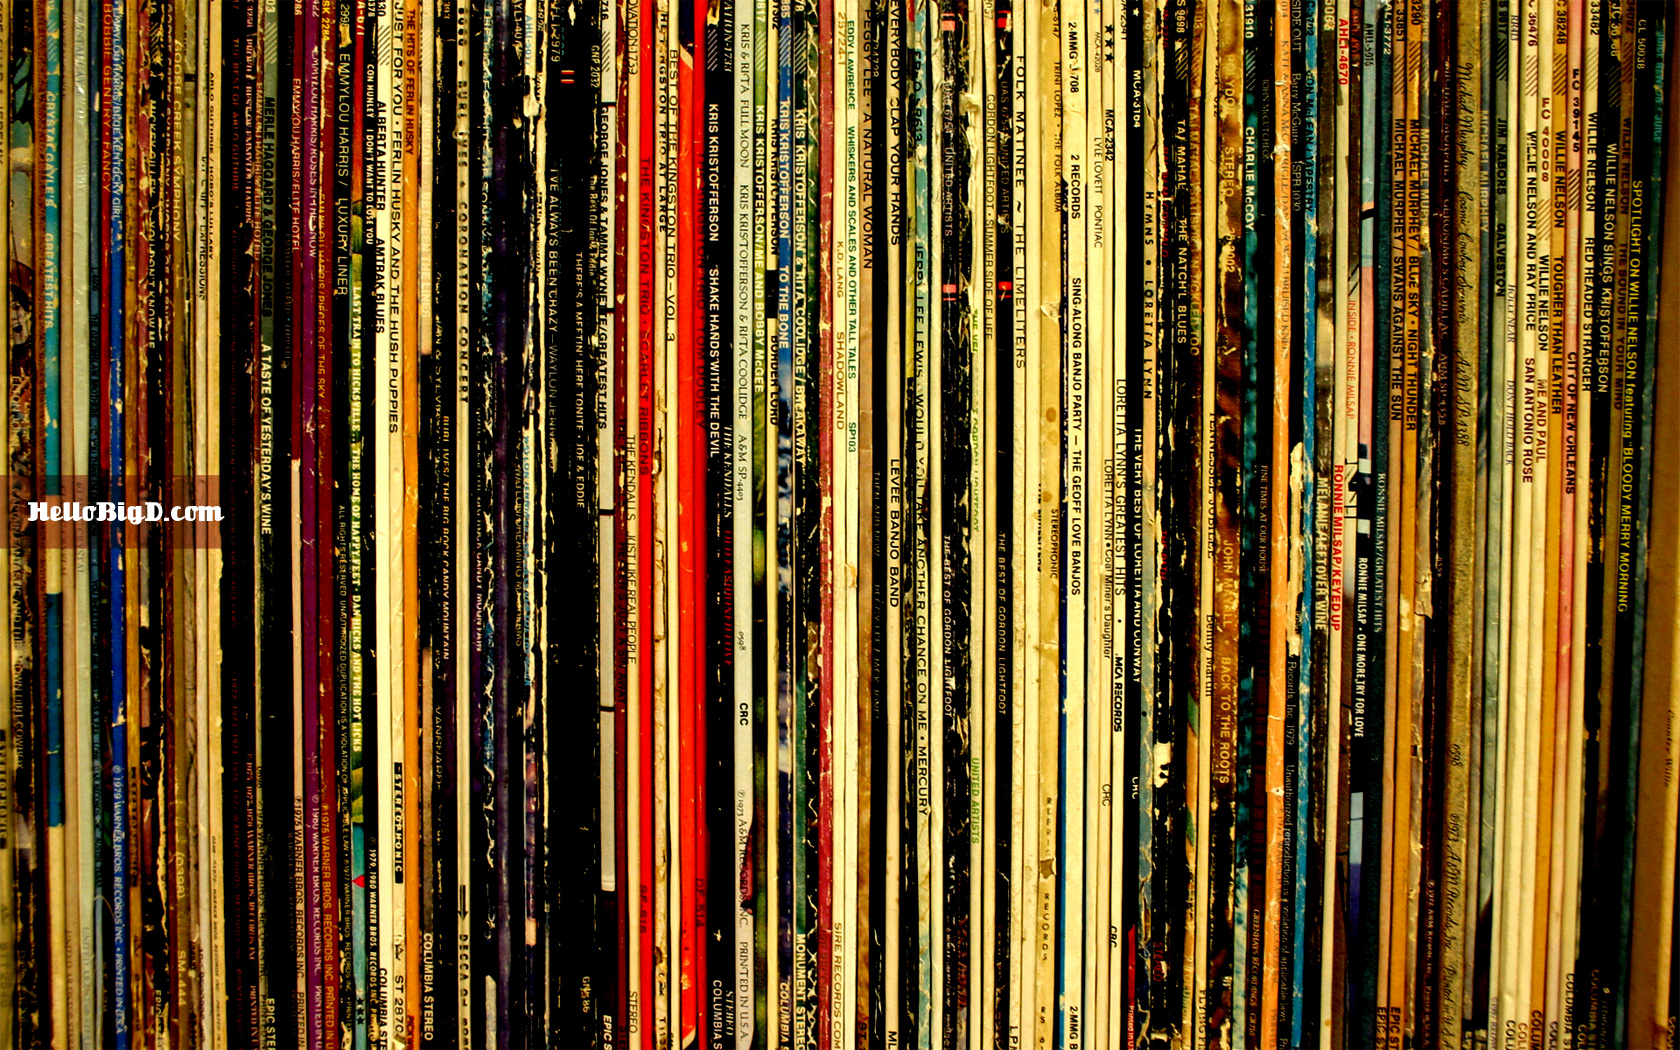 vinyl_1680x1050